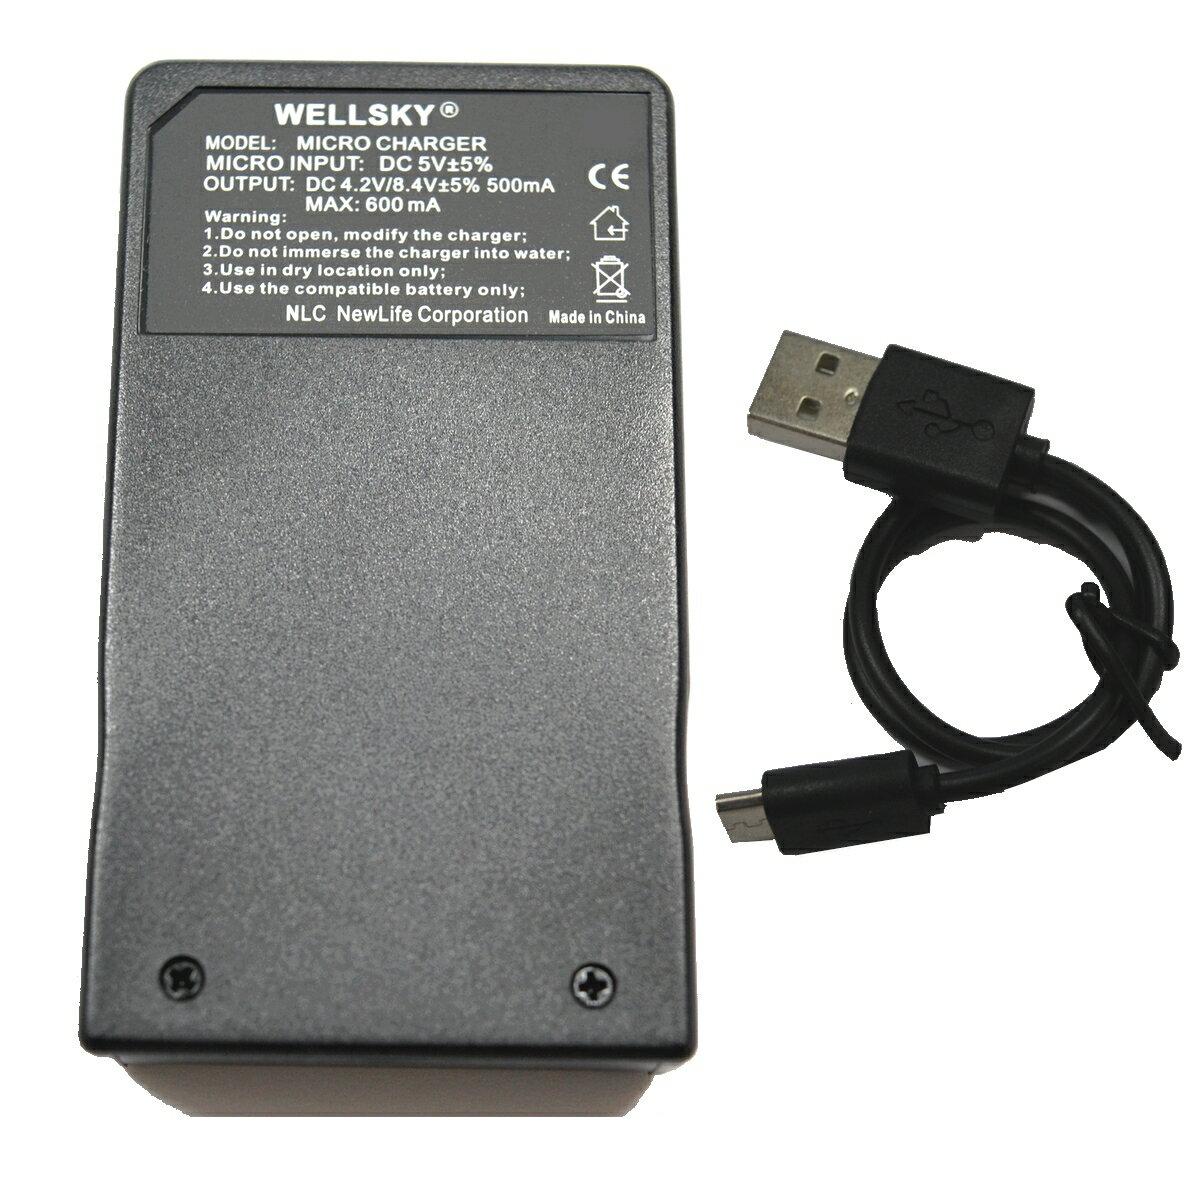 【あす楽対応】 【超軽量】 SONY ソニー ● NP-FW50 用USB急速互換充電器 BC-TRW / BC-VW1 ● 純正・互換バッテリー共に充電可能 ● α55 / α33 / NEX-5N / NEX-7 / NEX-F3 / NEX-5R / NEX-6/ α37 / DSC-RX10M2 / DSC-RX10 / α7S II / α7R II / α7 II / α5100